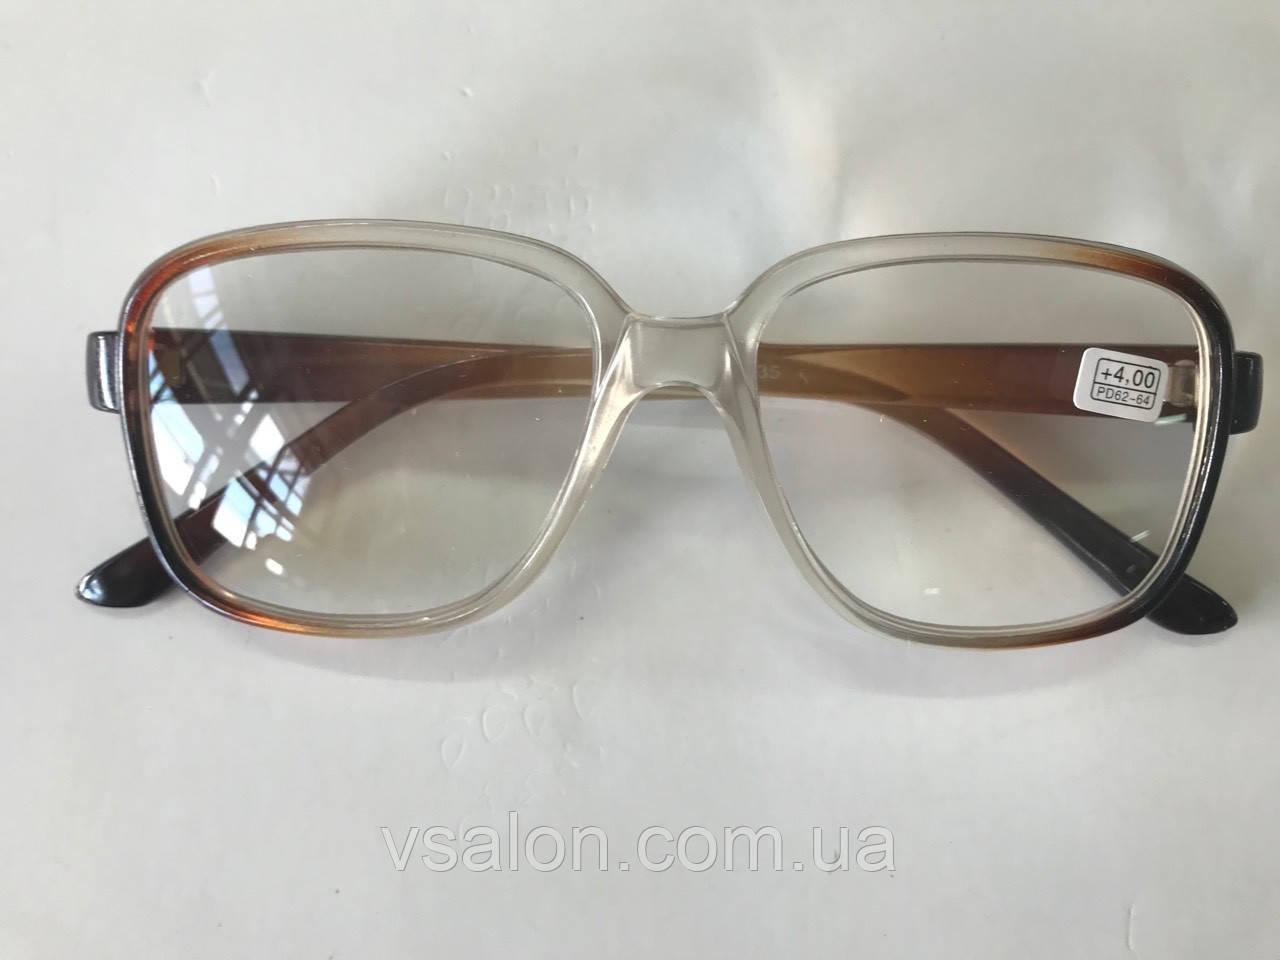 Робочі окуляри з діоптріями 868